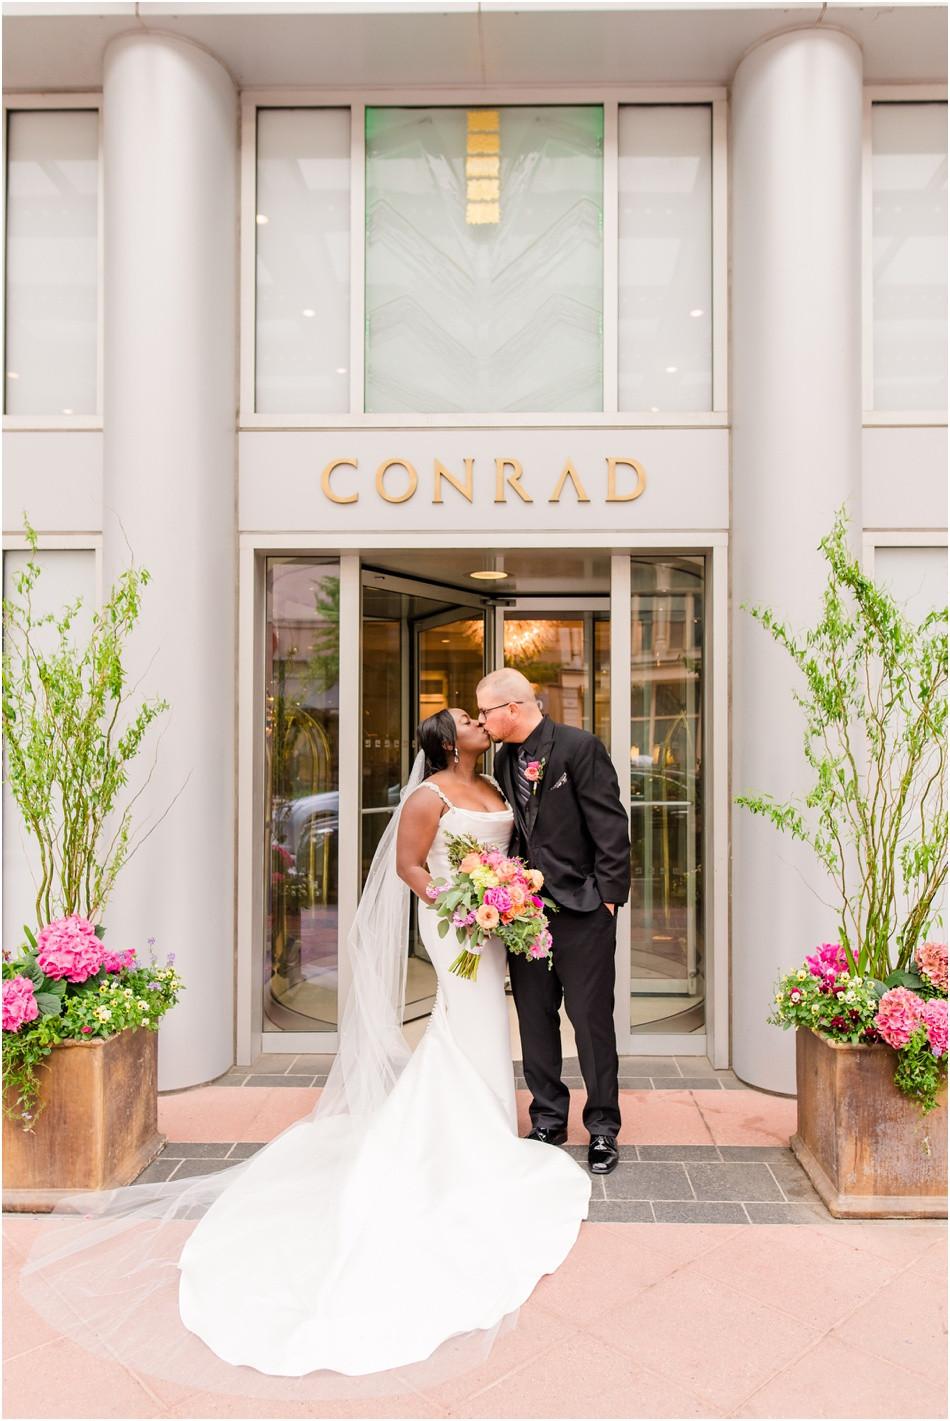 Conrad-hotel-indy-wedding